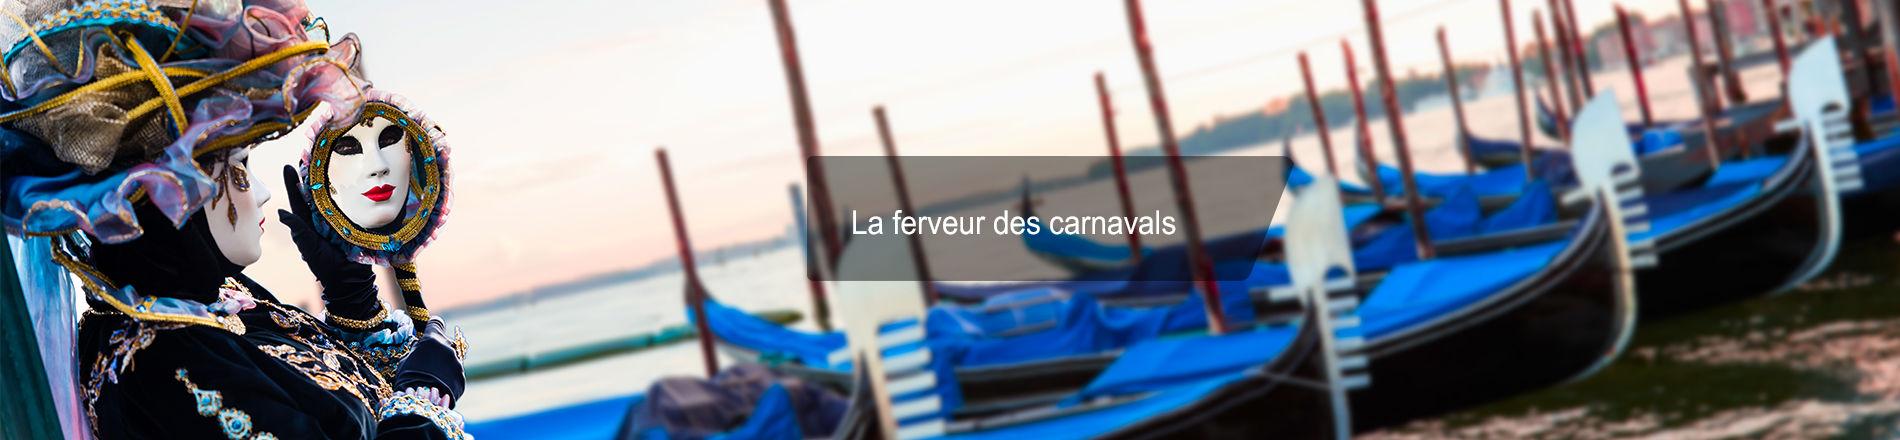 La ferveur des carnavals en France, en Europe et dans le monde